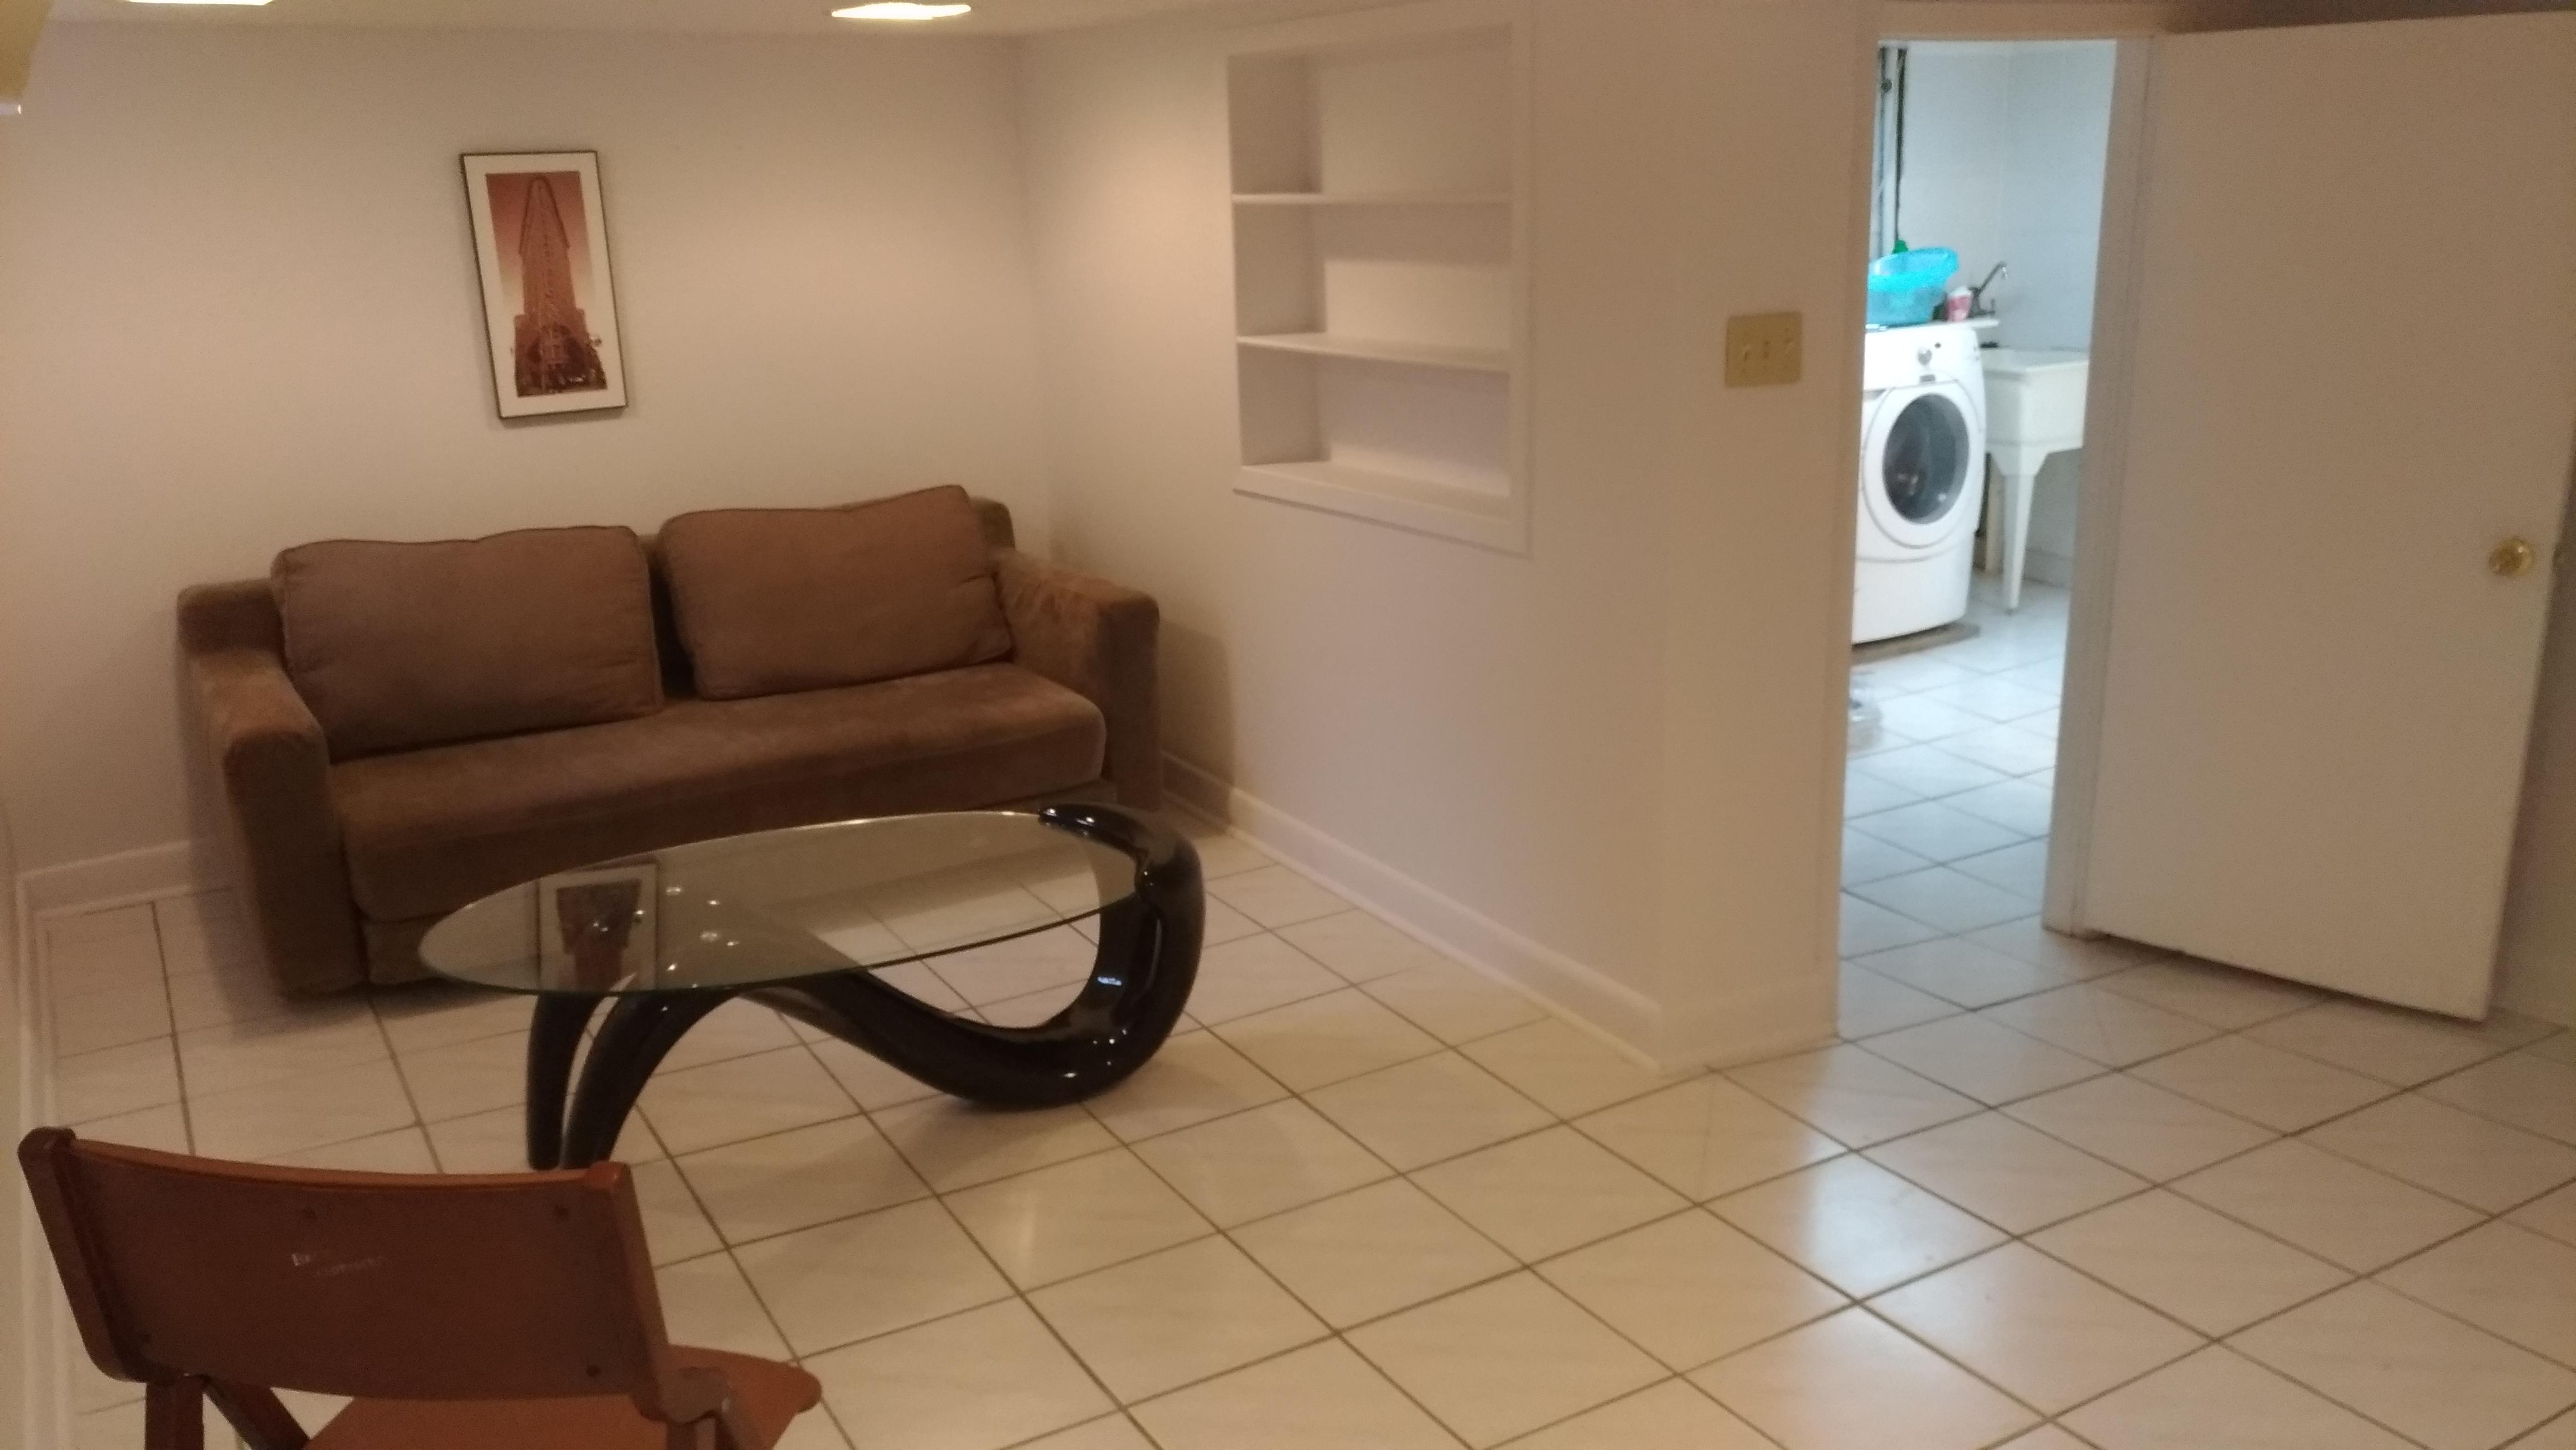 1 Bedroom Basement Apartment   El Compra y Venta